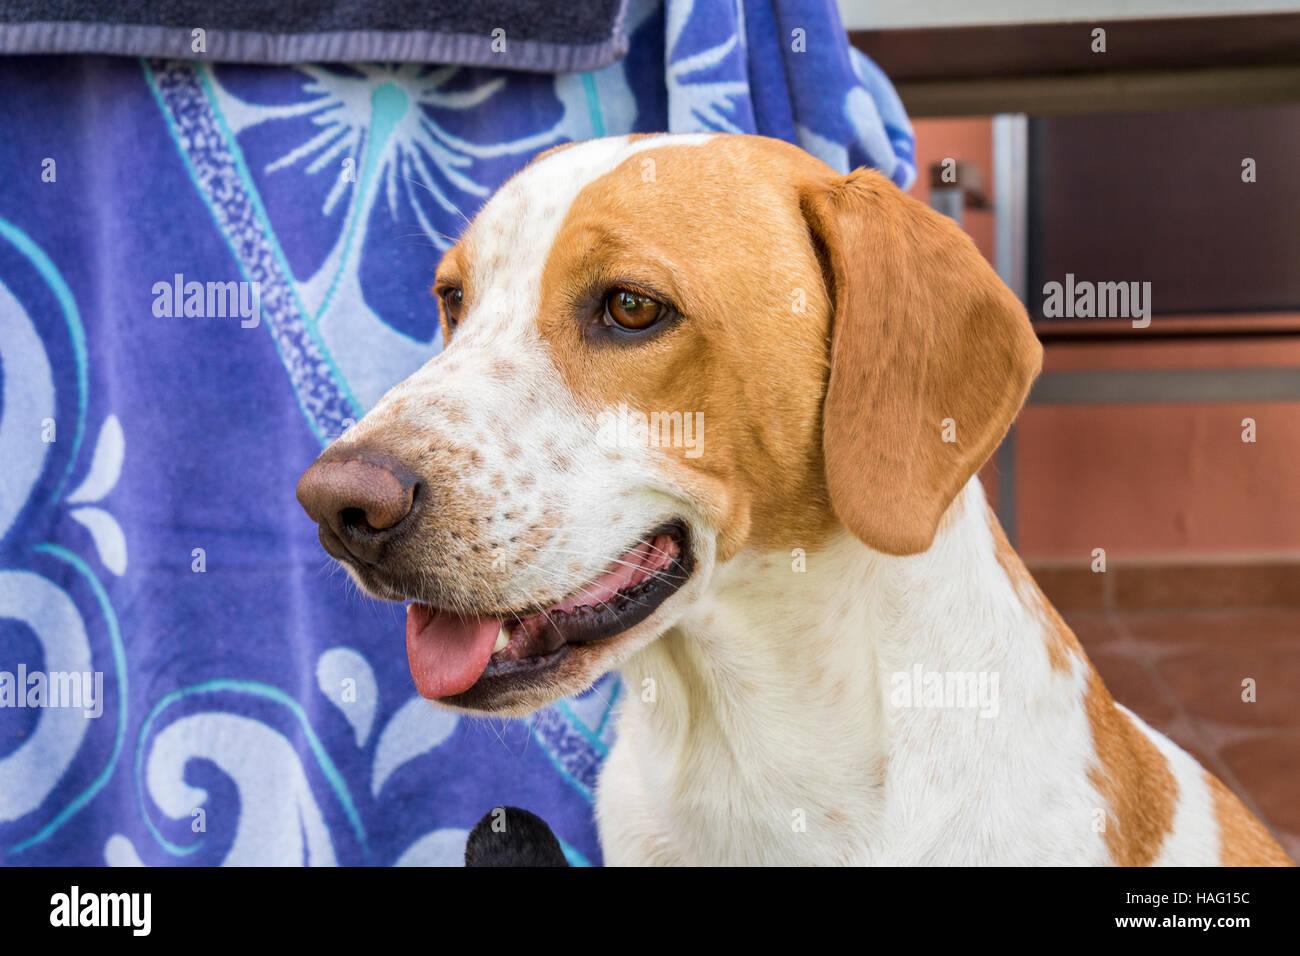 Funny beagle dog peering - Stock Image